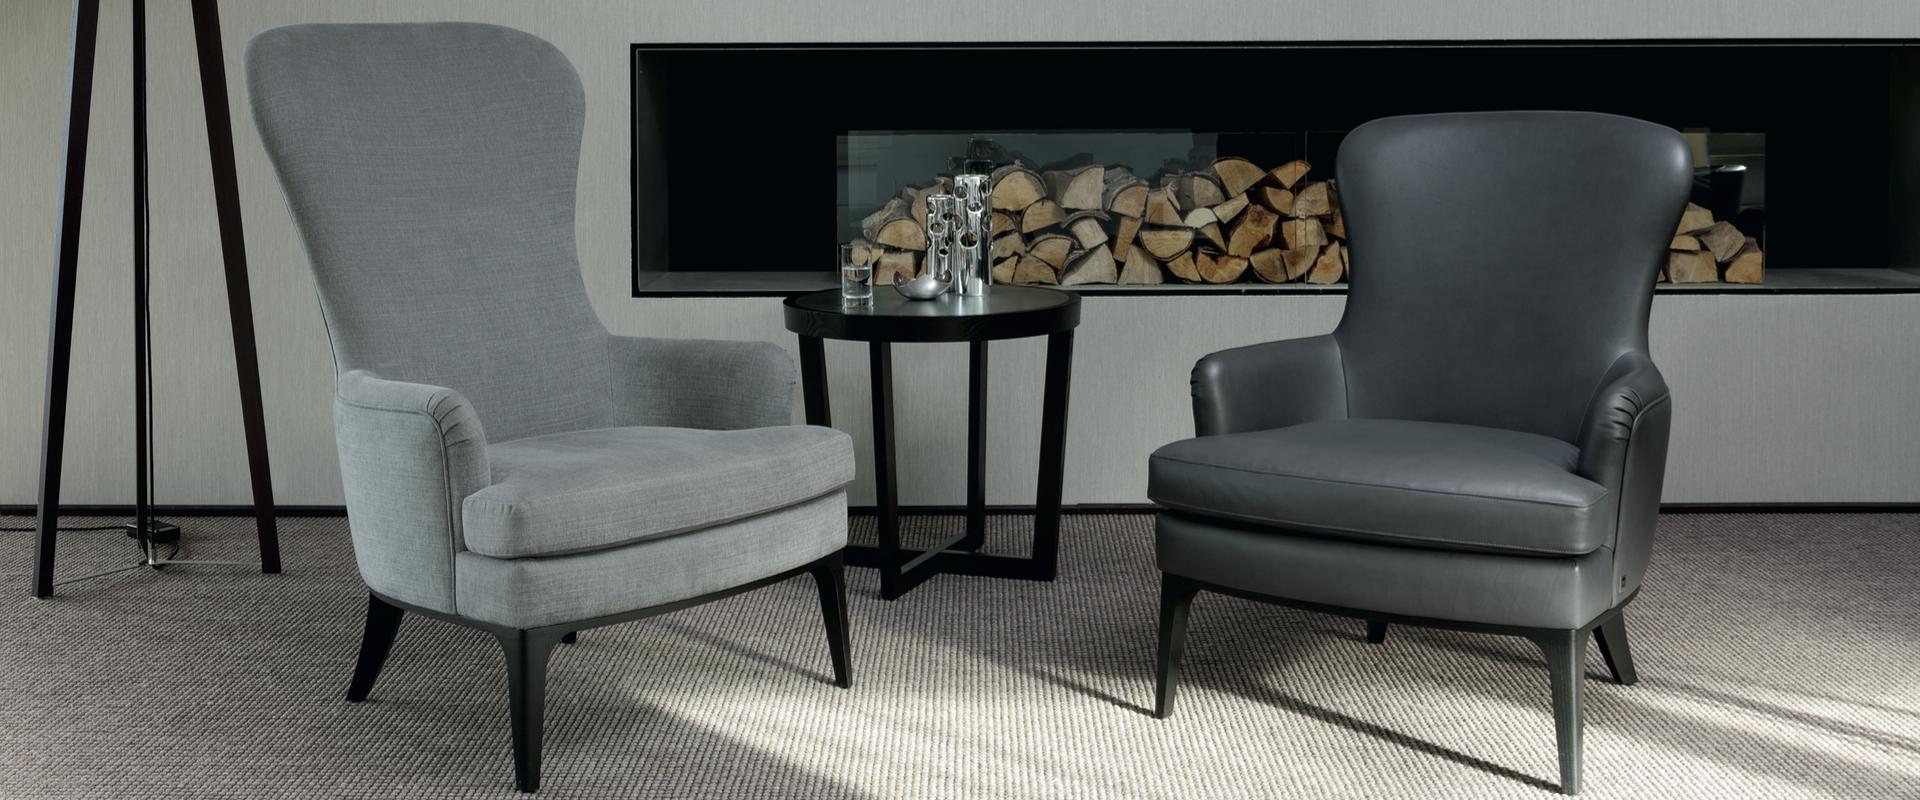 Das Sessel Dandy von BW Bielefelder Werkstätten finden Sie bei Hans G. Bock.